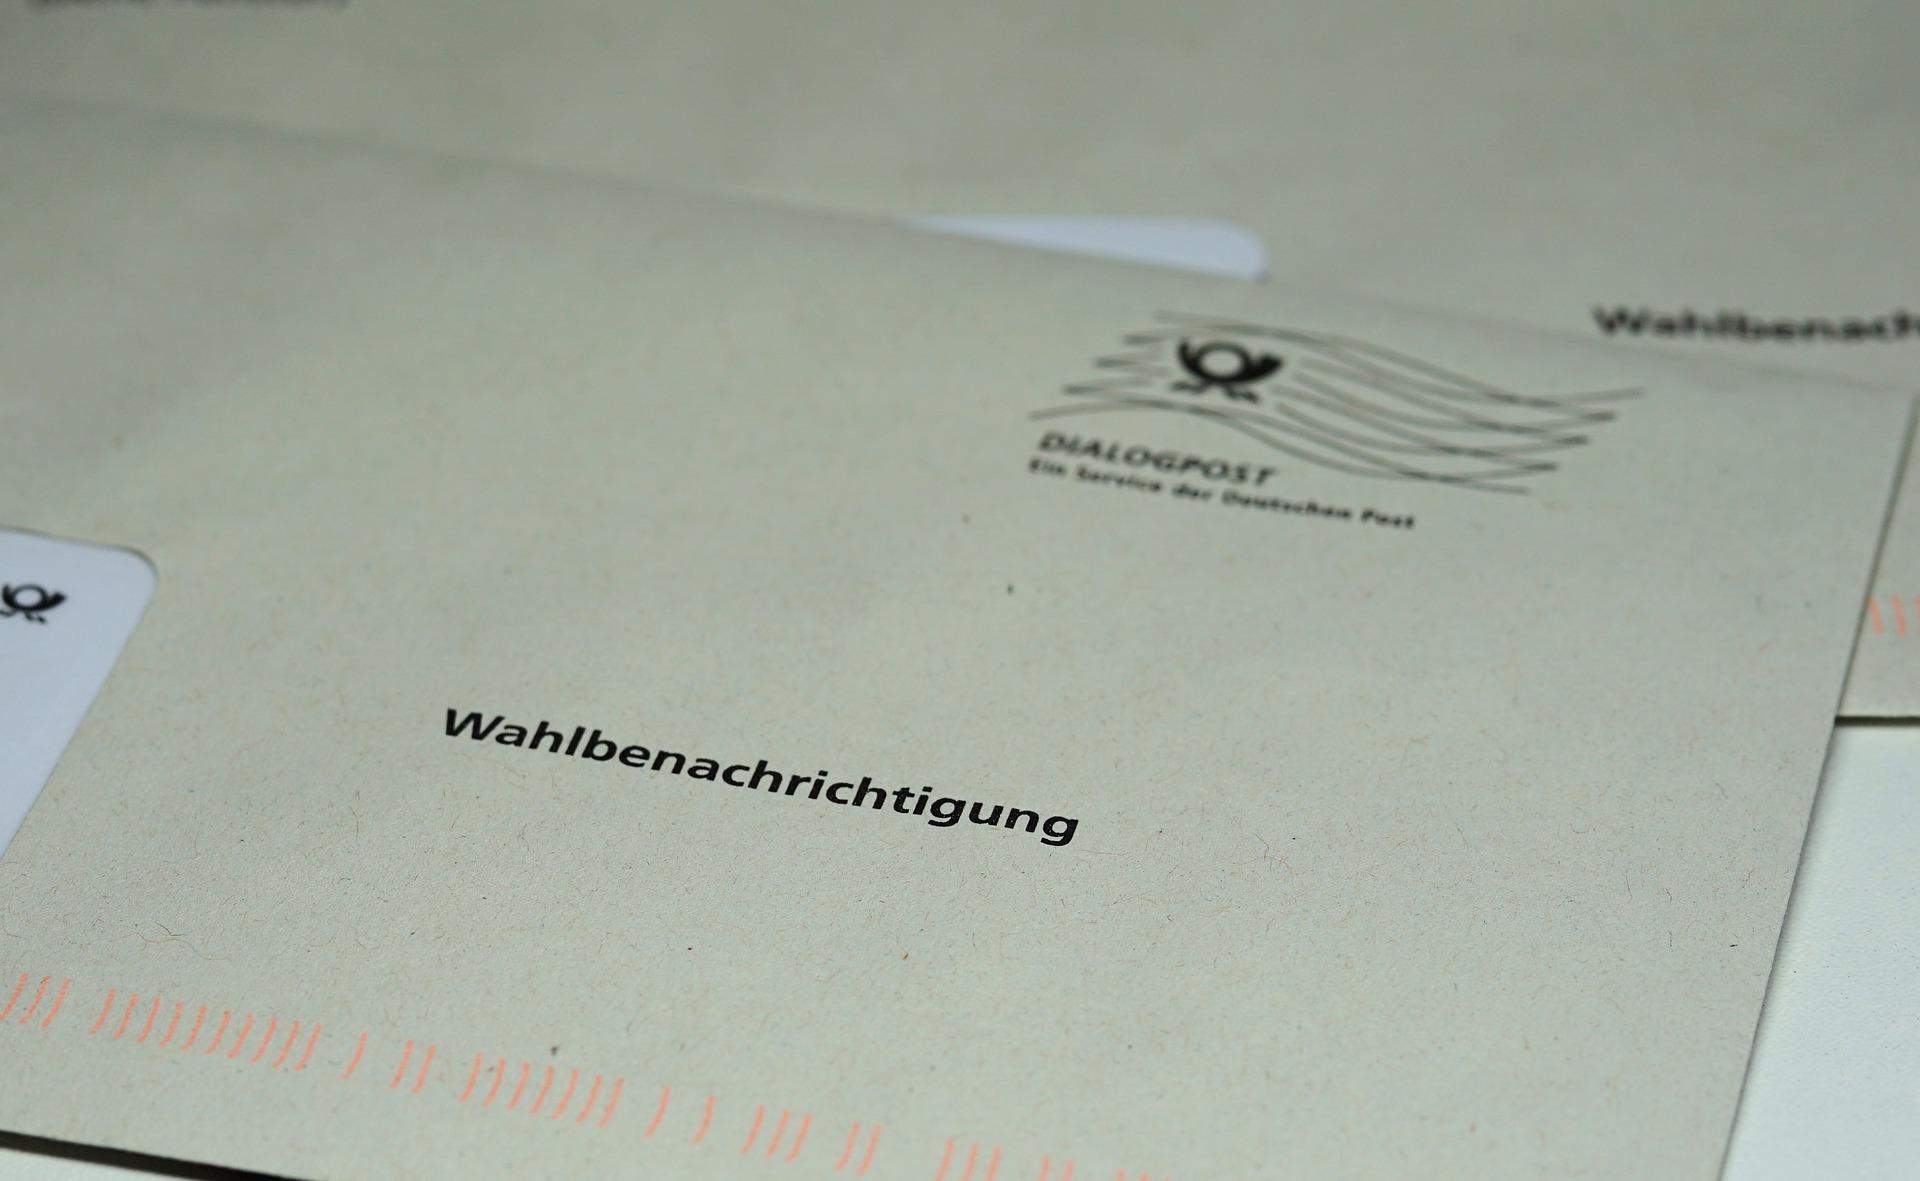 Per Briefwahl im Rathaus wählen